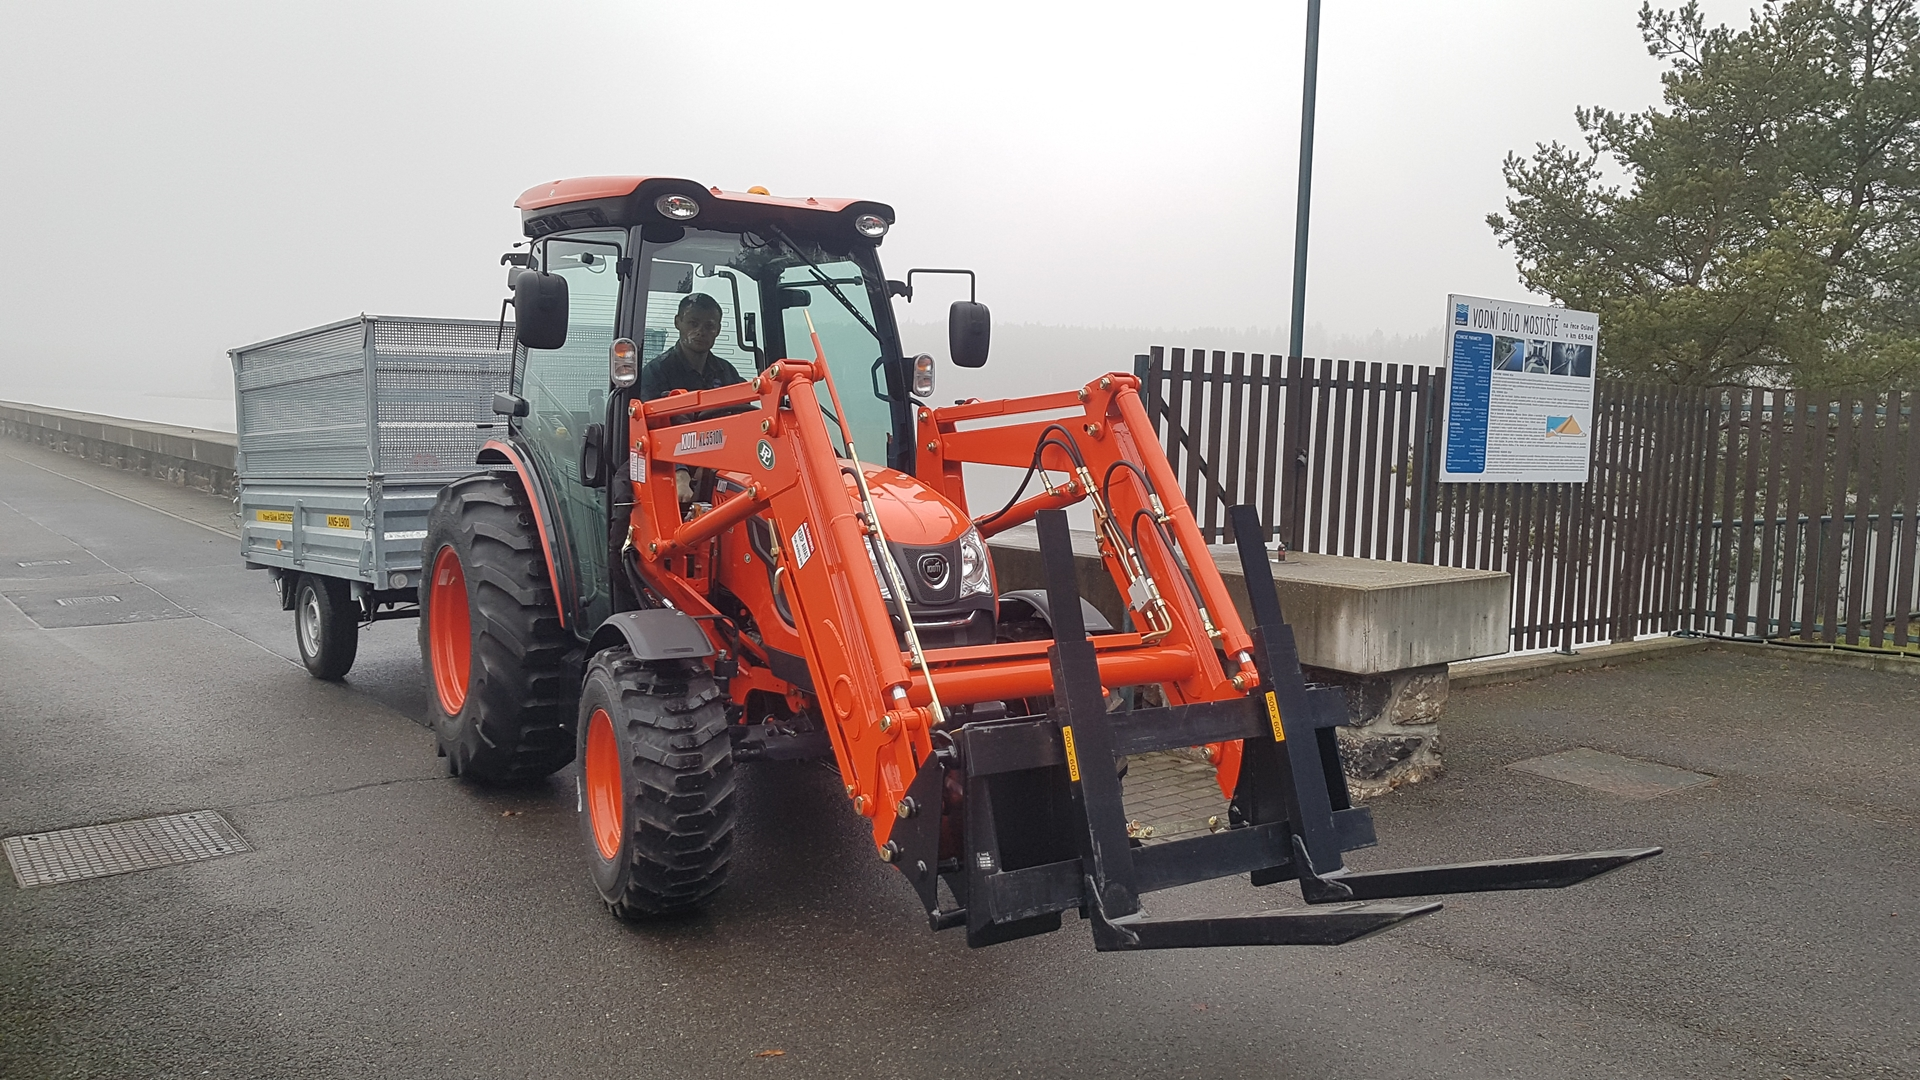 Traktor-Kioti-DK6010CH-povodi-moravy-vodni-dilo-mostiste-(1).jpg